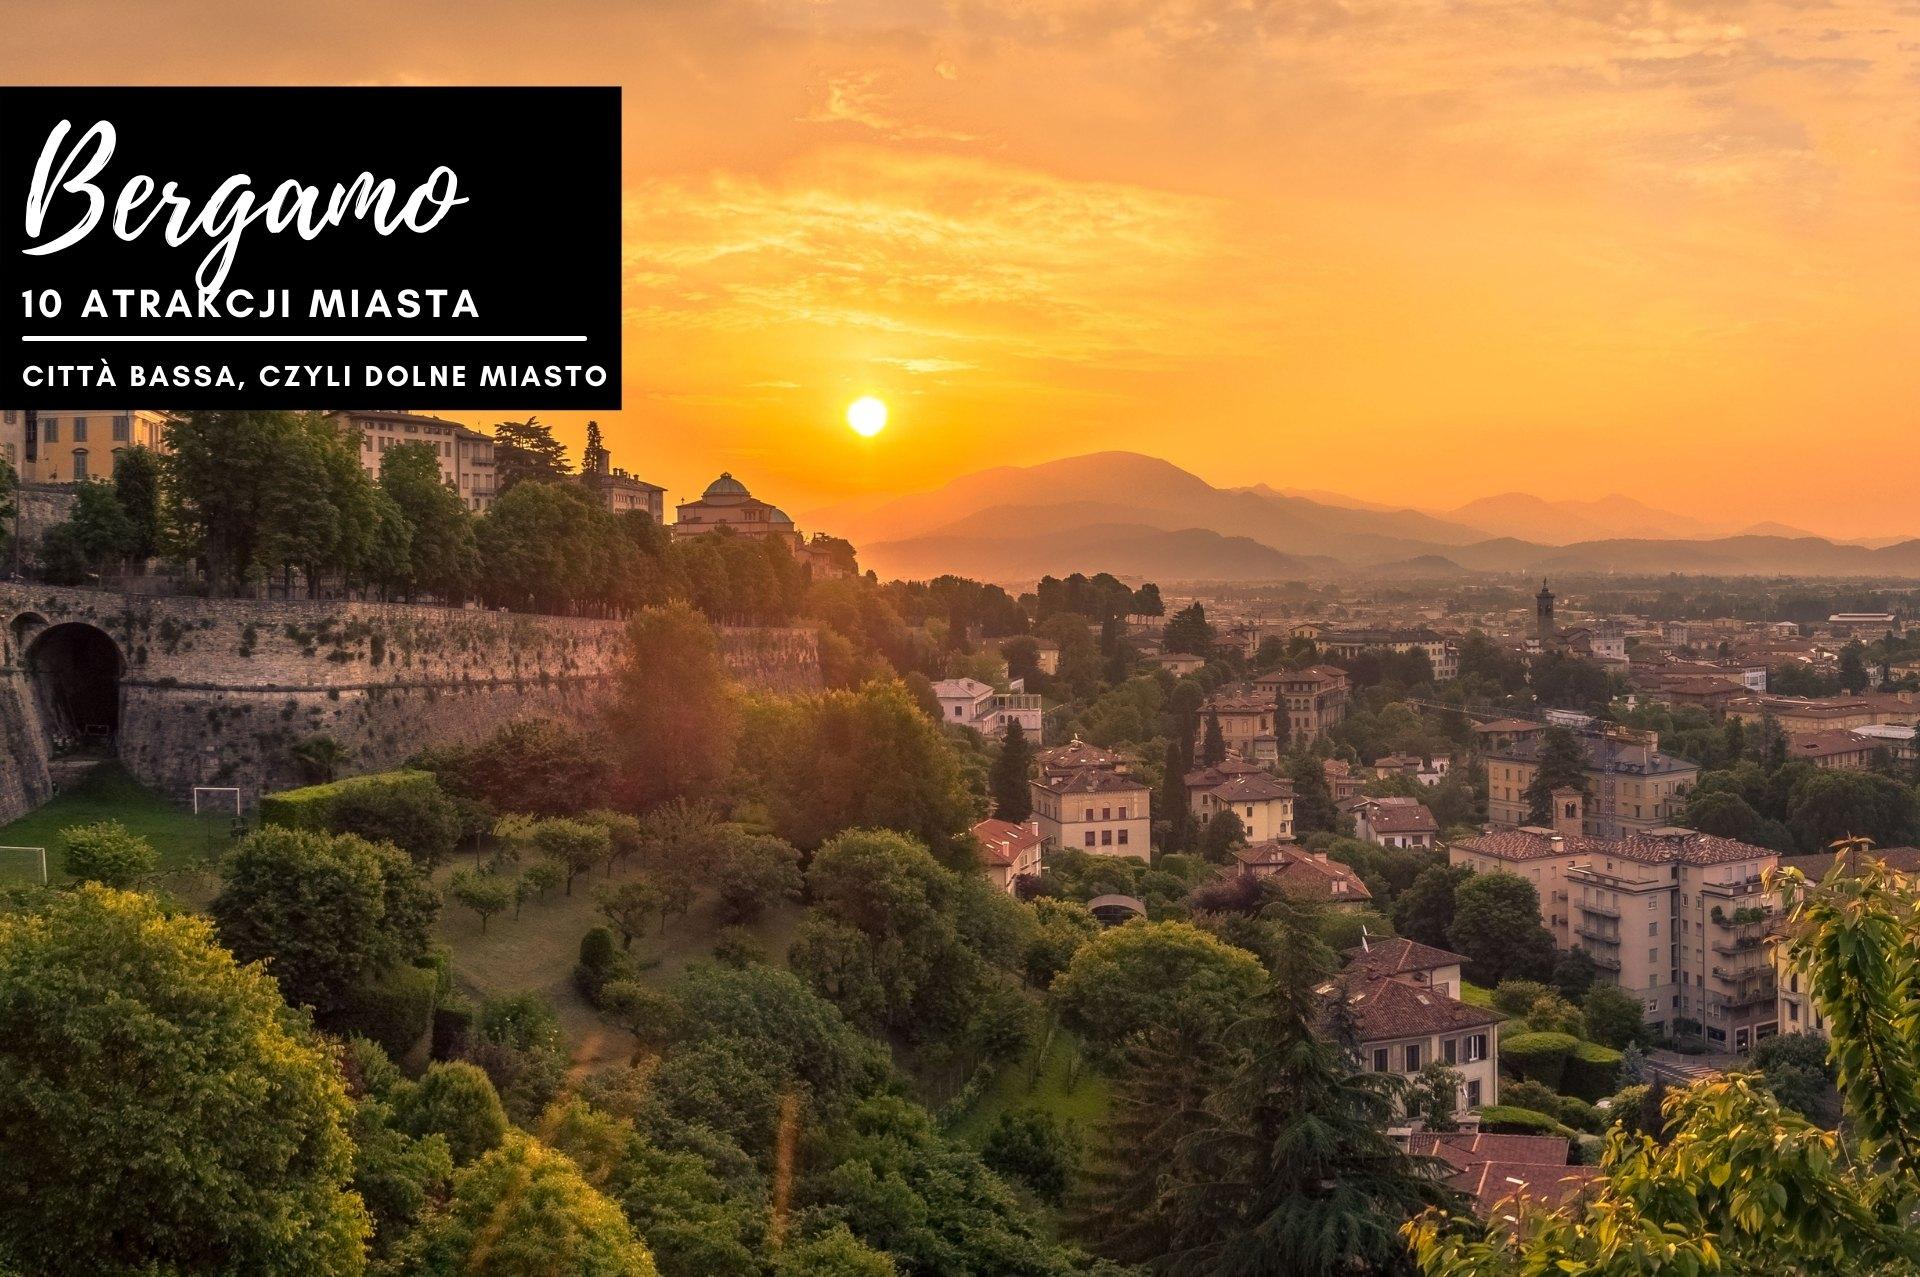 Piazza Vecchia, Bergamo, Włochy (fot. Alex)